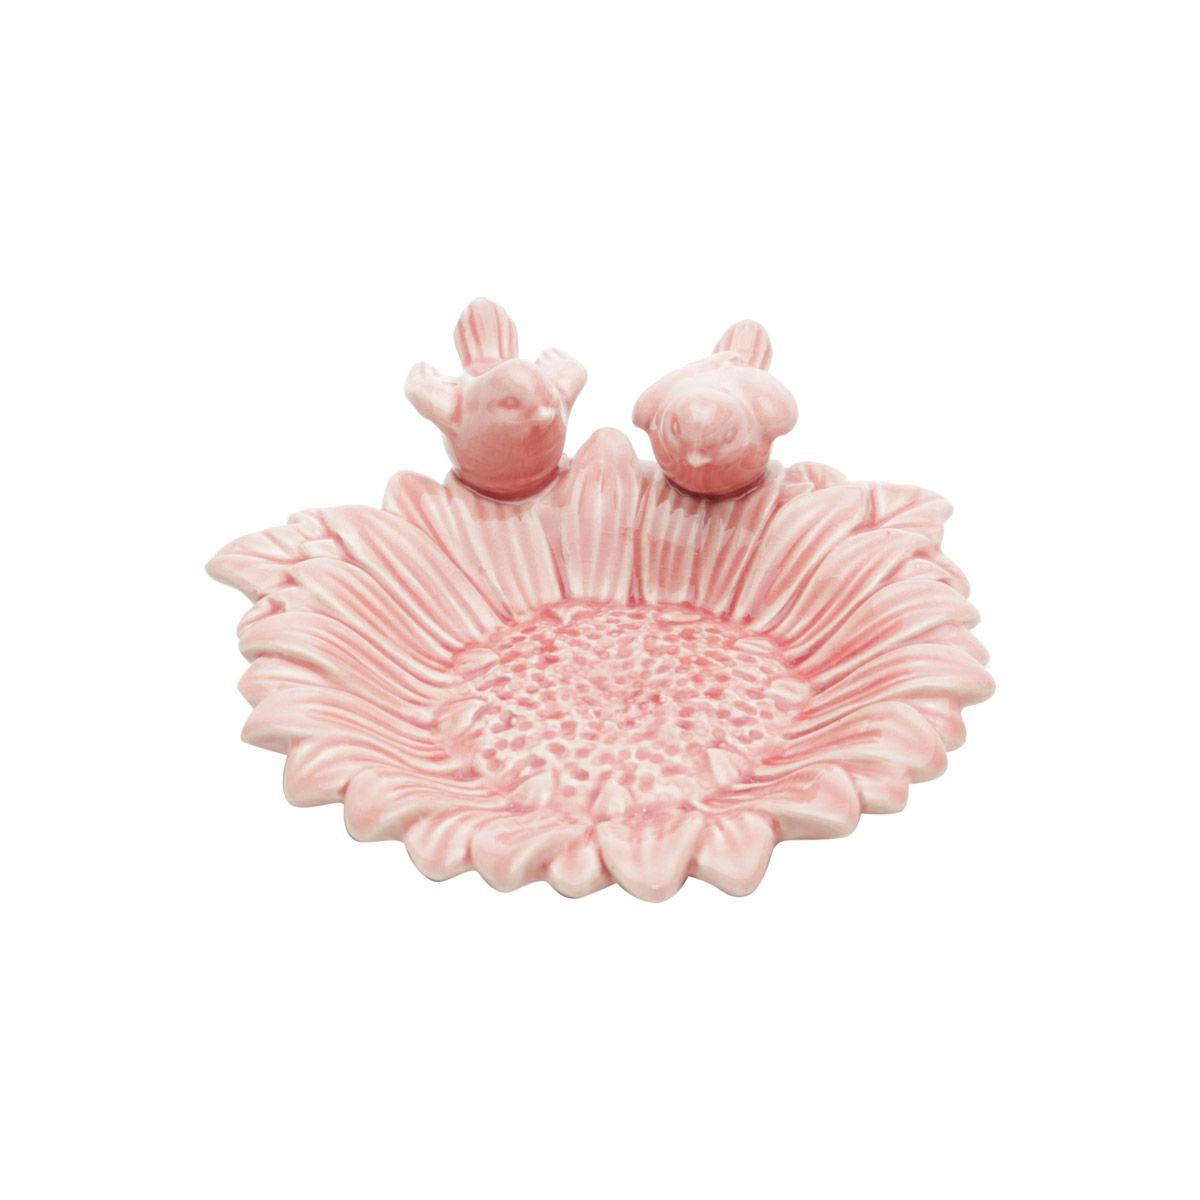 Prato decorativo 15 cm de cerâmica rosa com pássaros Girassol Lyor - L4160